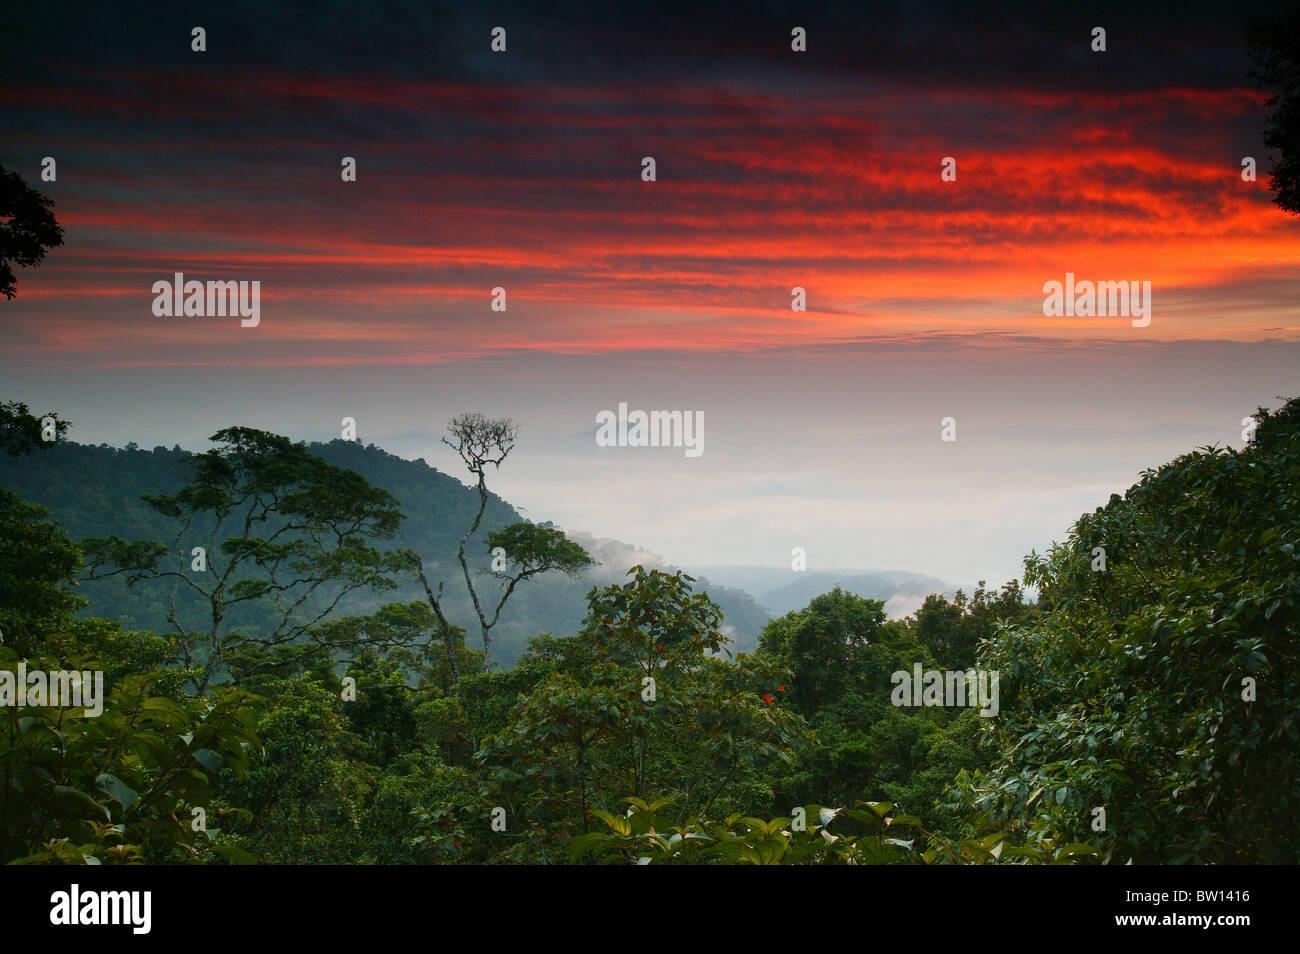 Alba a Cerro Pirre, nel Parco Nazionale del Darién, provincia di Darien, Repubblica di Panama. Immagini Stock